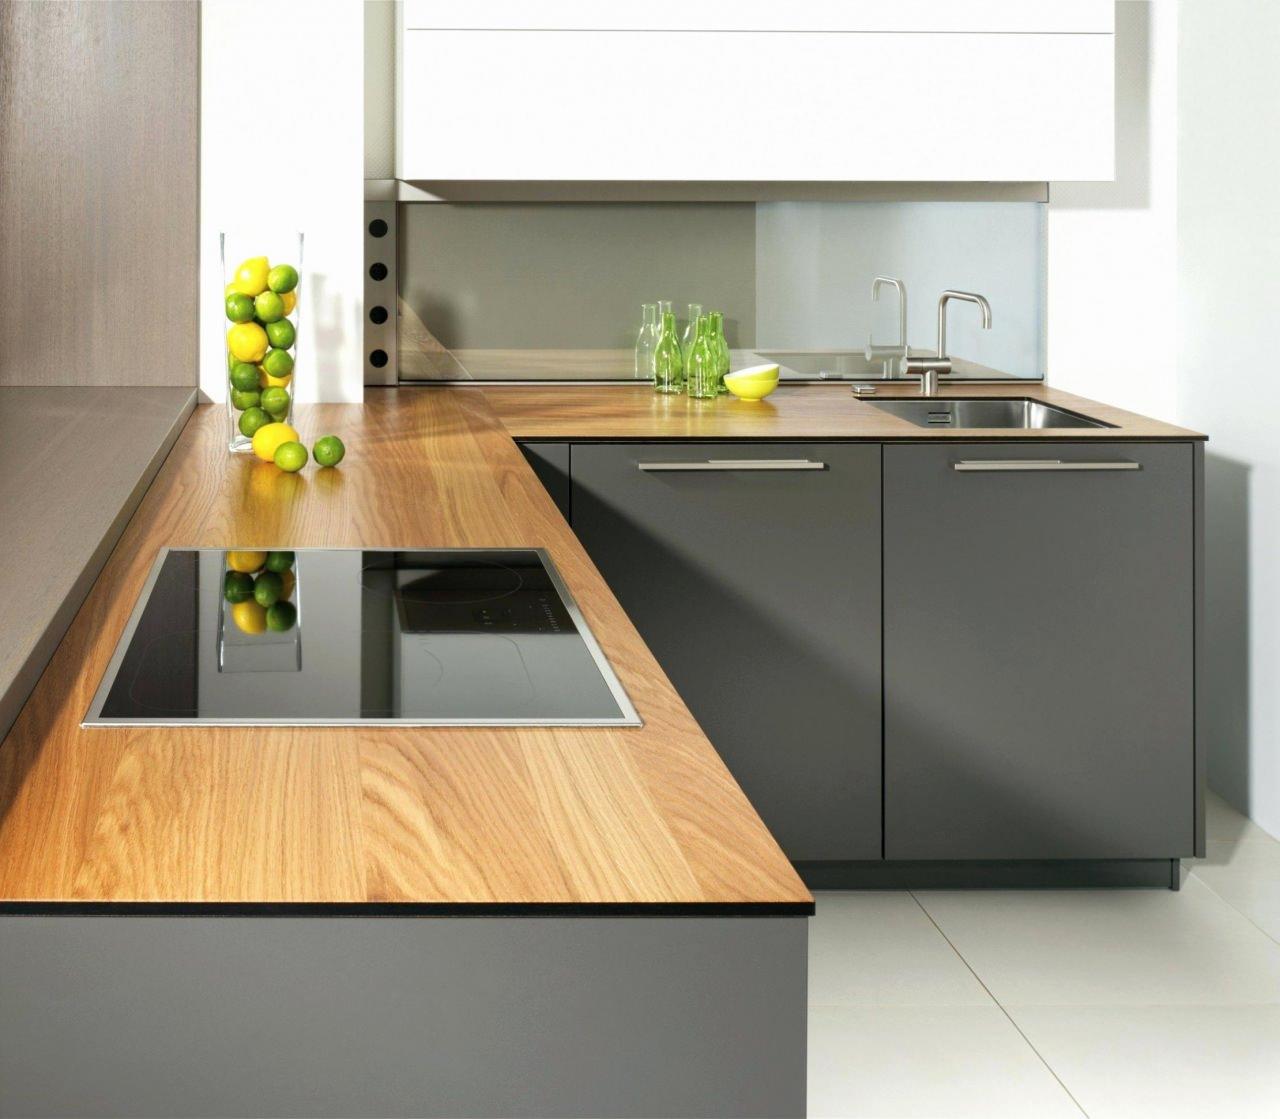 Full Size of Eckunterschrank Karussell Küche   Eckschrank Küche Ikea Porsche Design Küche Einrichten Mit Regalen Küche Eckschrank Küche